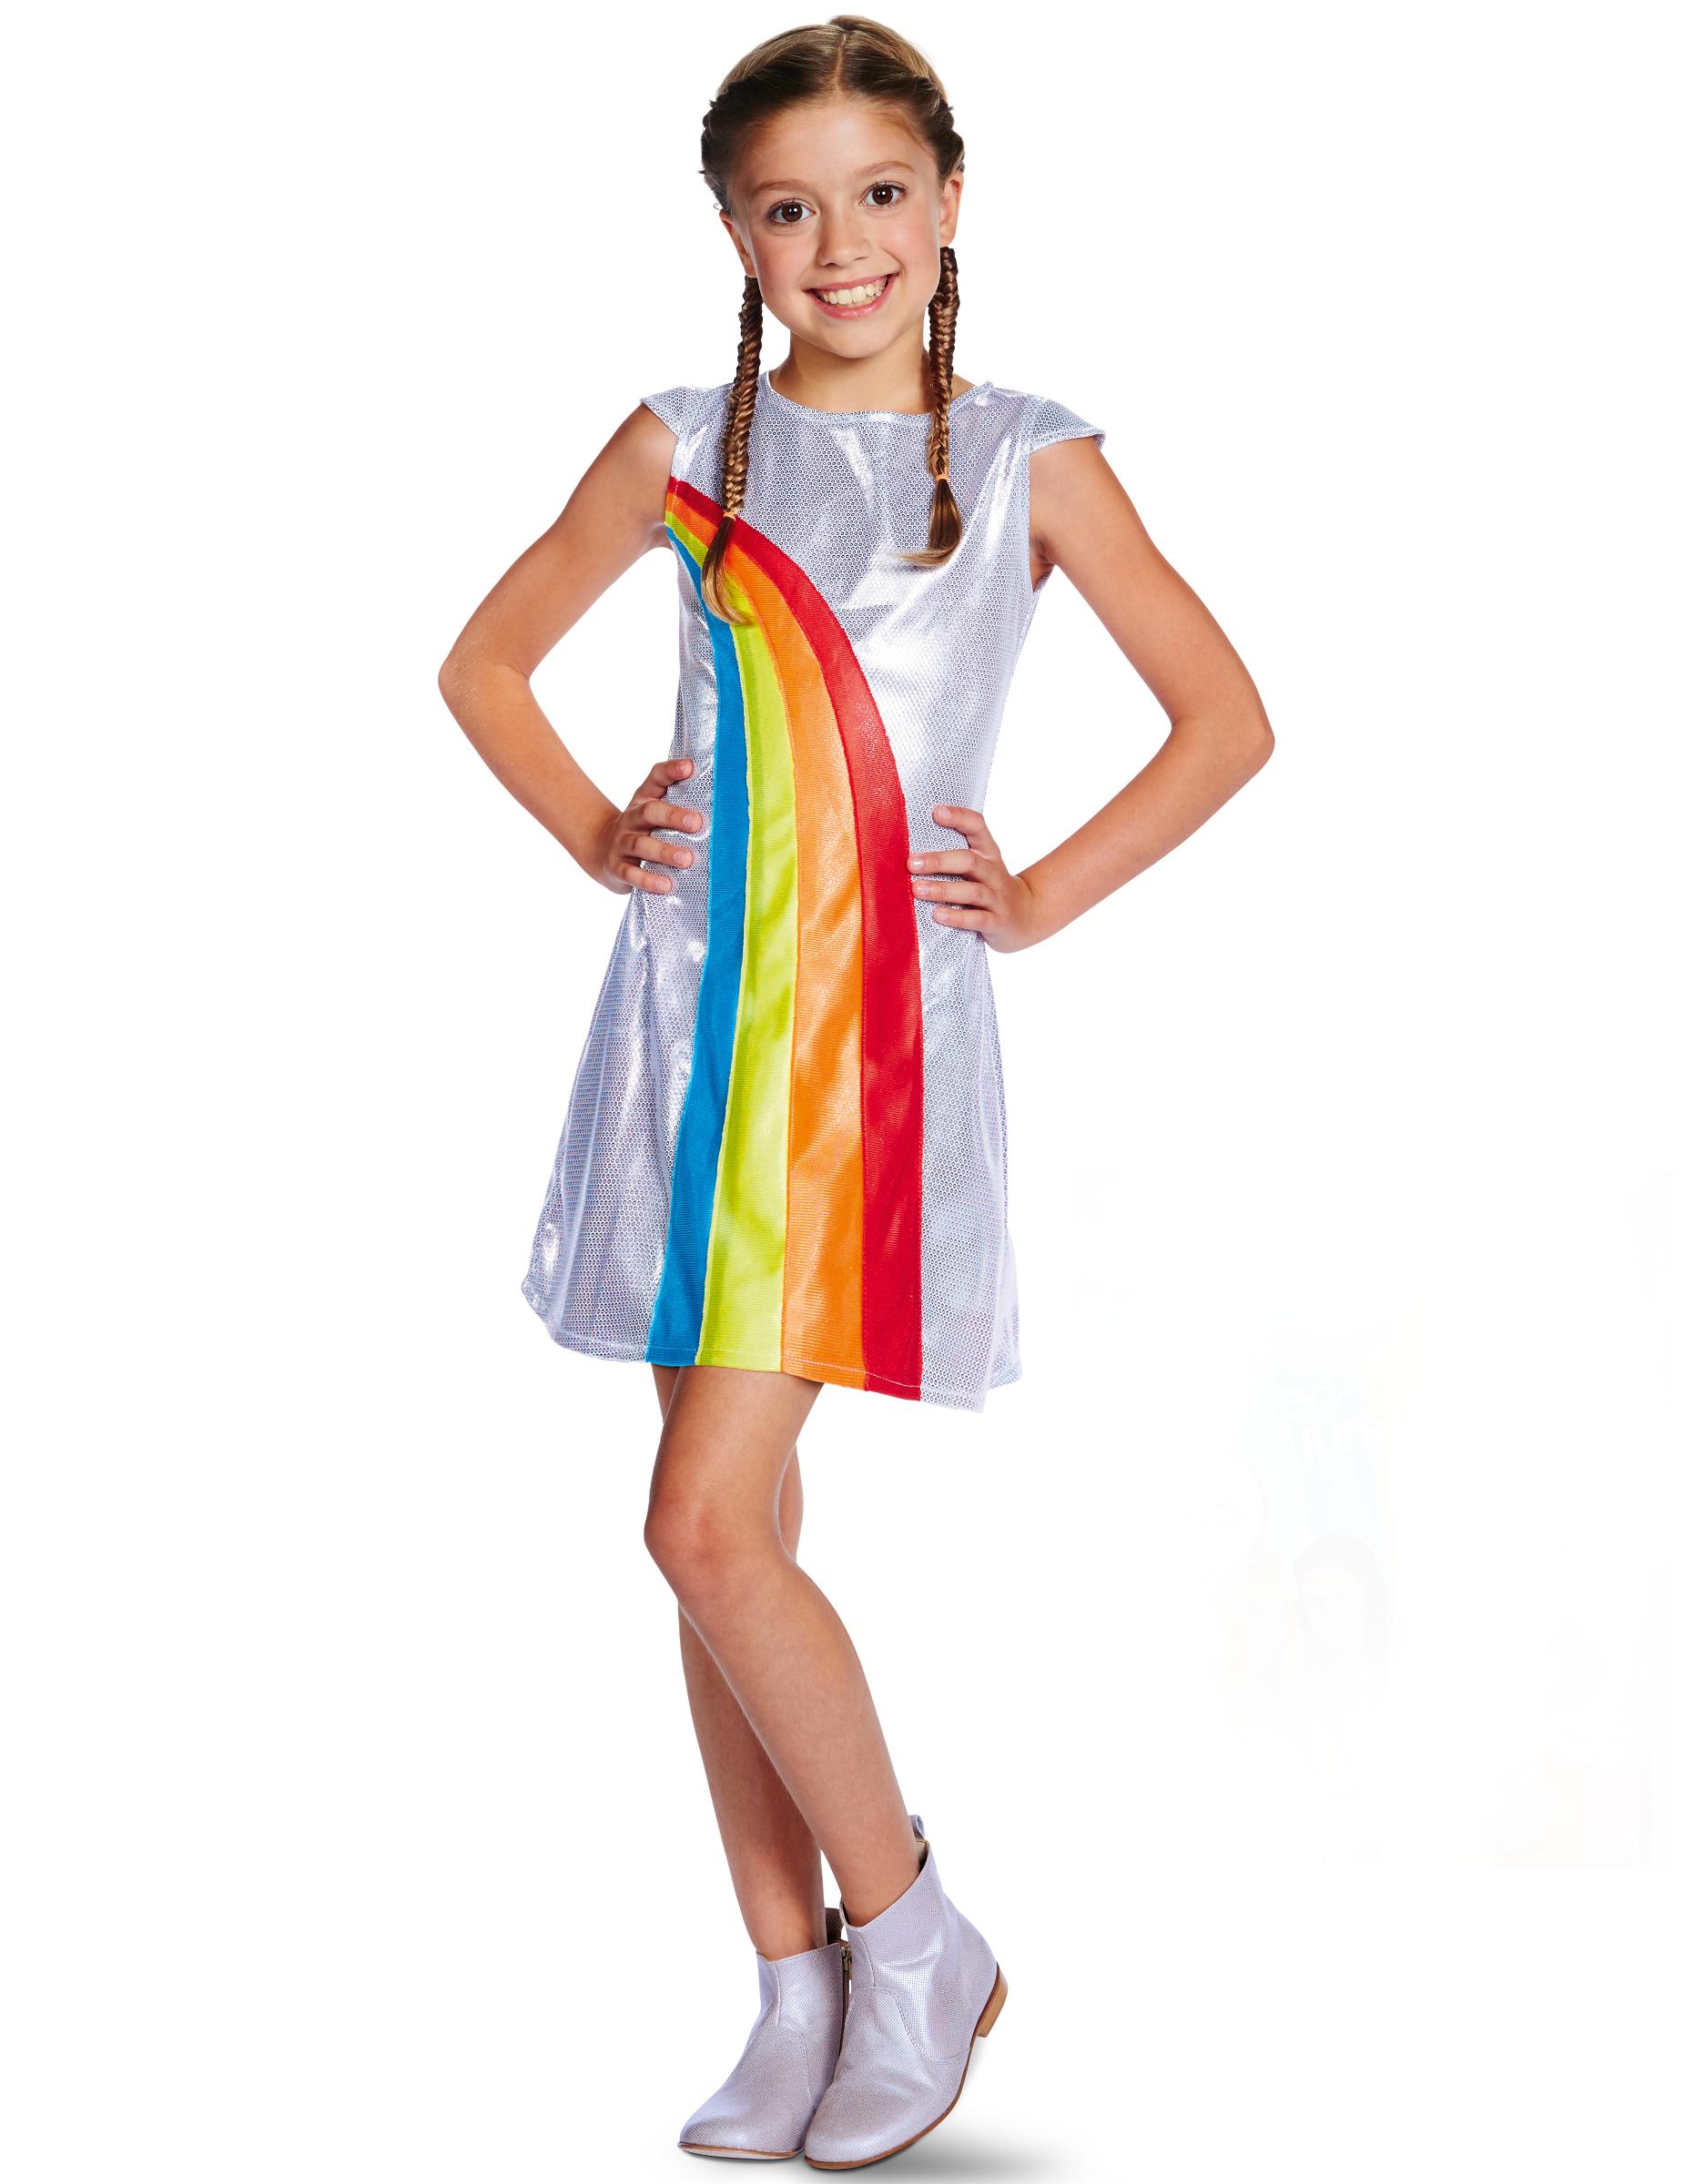 Regenbogen Kostüm für Mädchen K9™ Kostüme für Kinder,und günstige ...